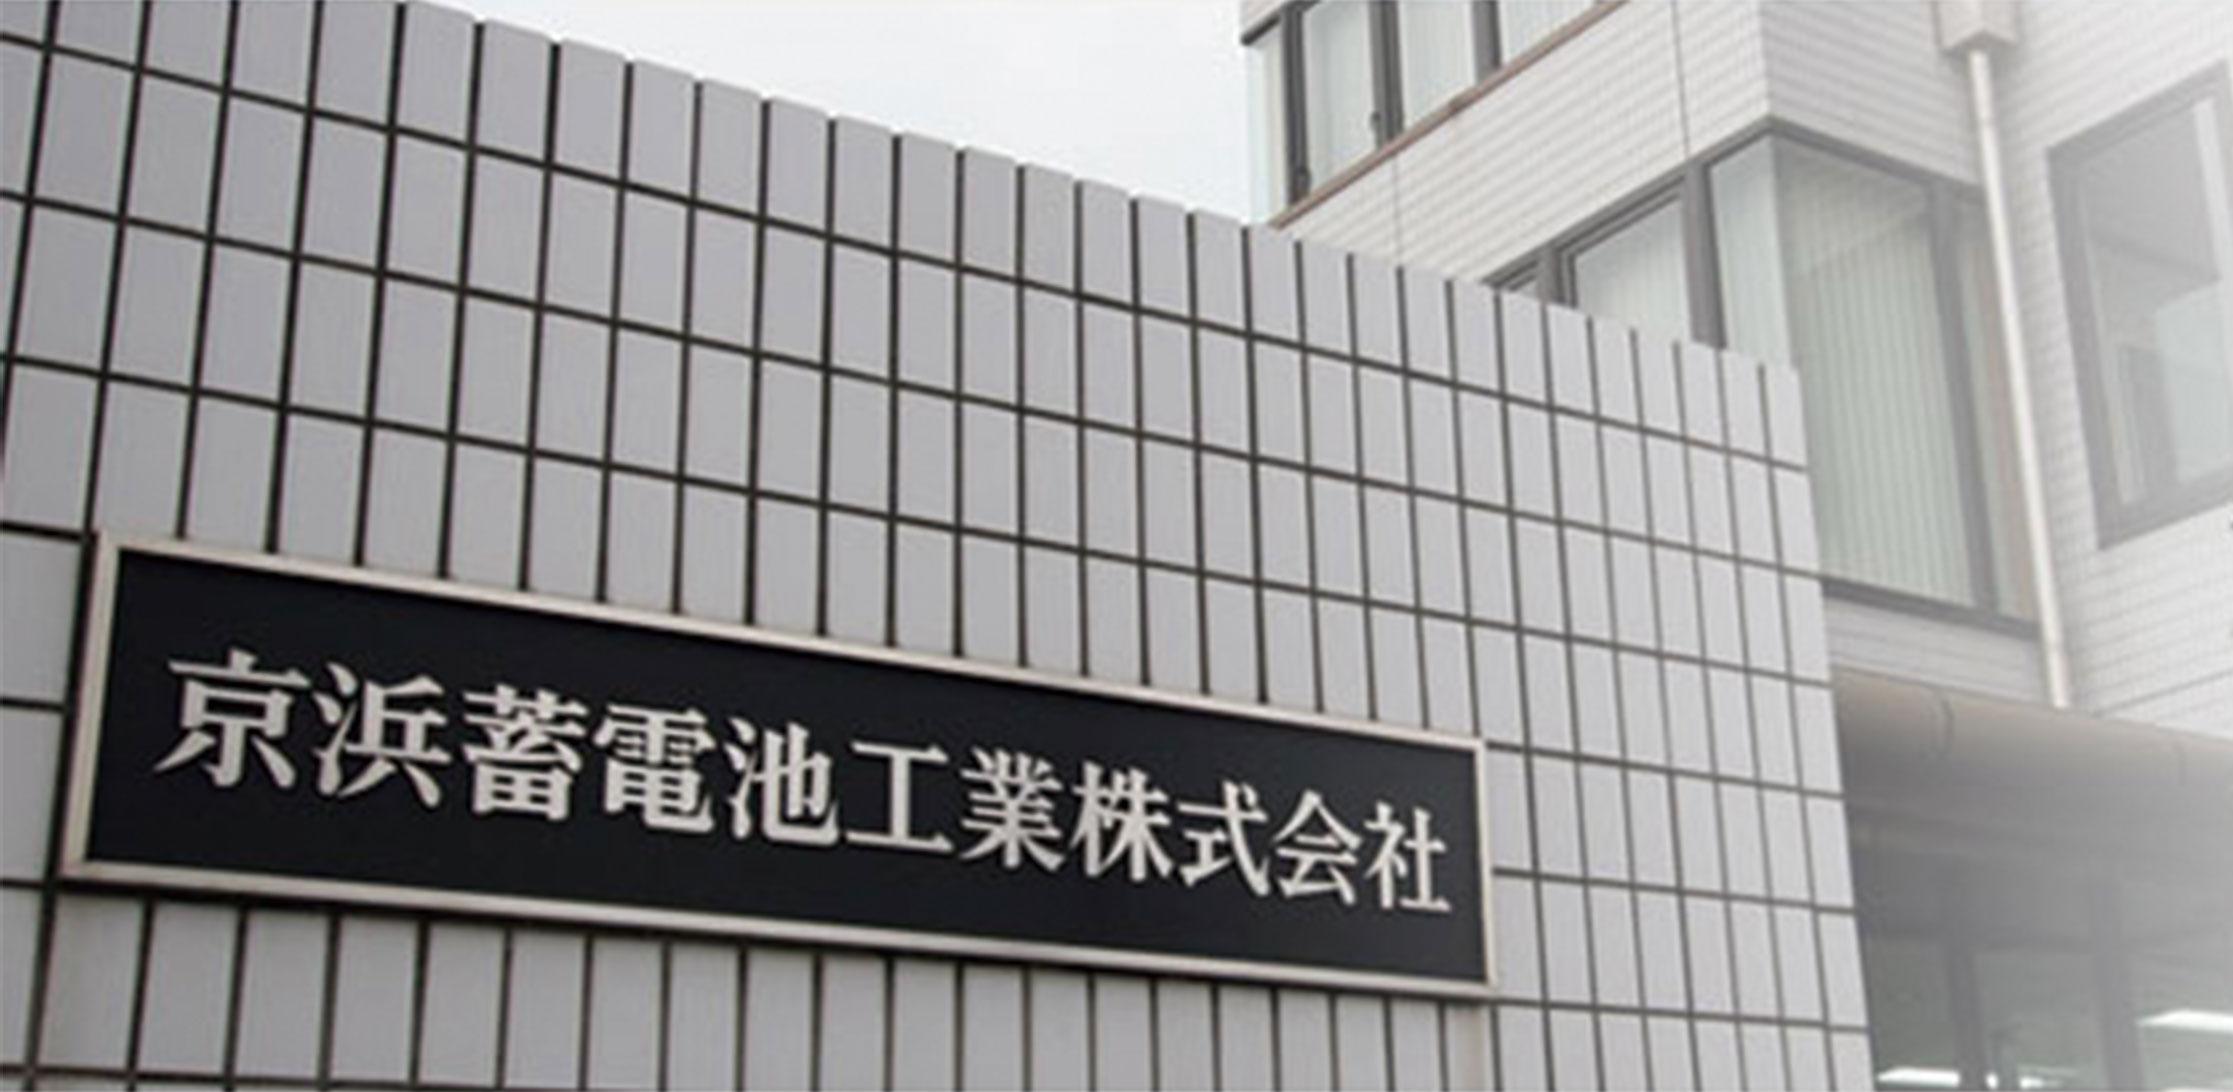 京浜蓄電池工業株式会社